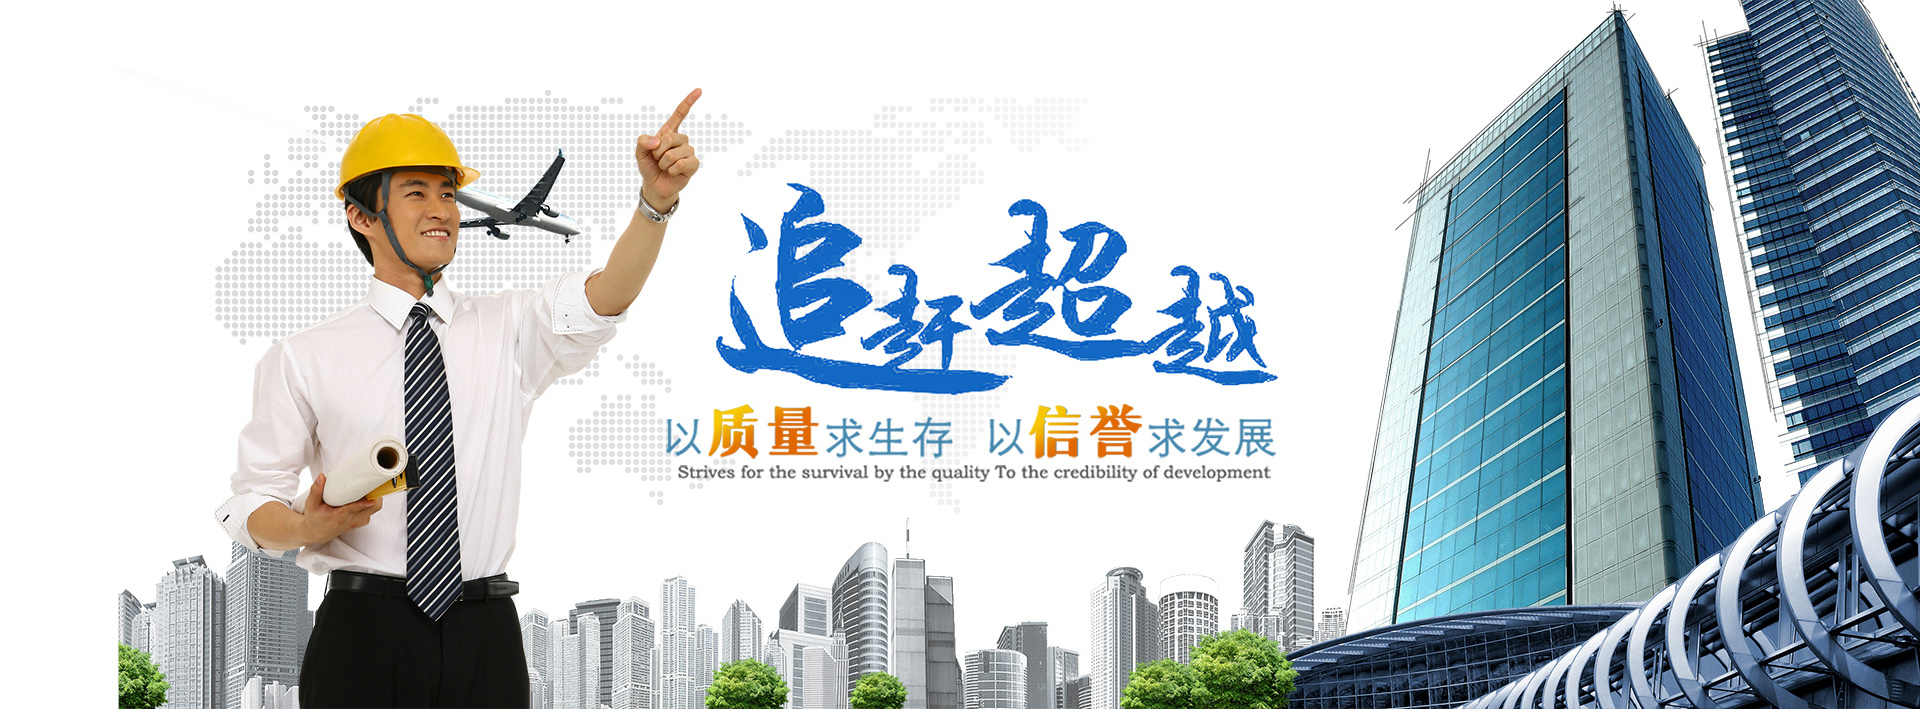 抚州建筑企业